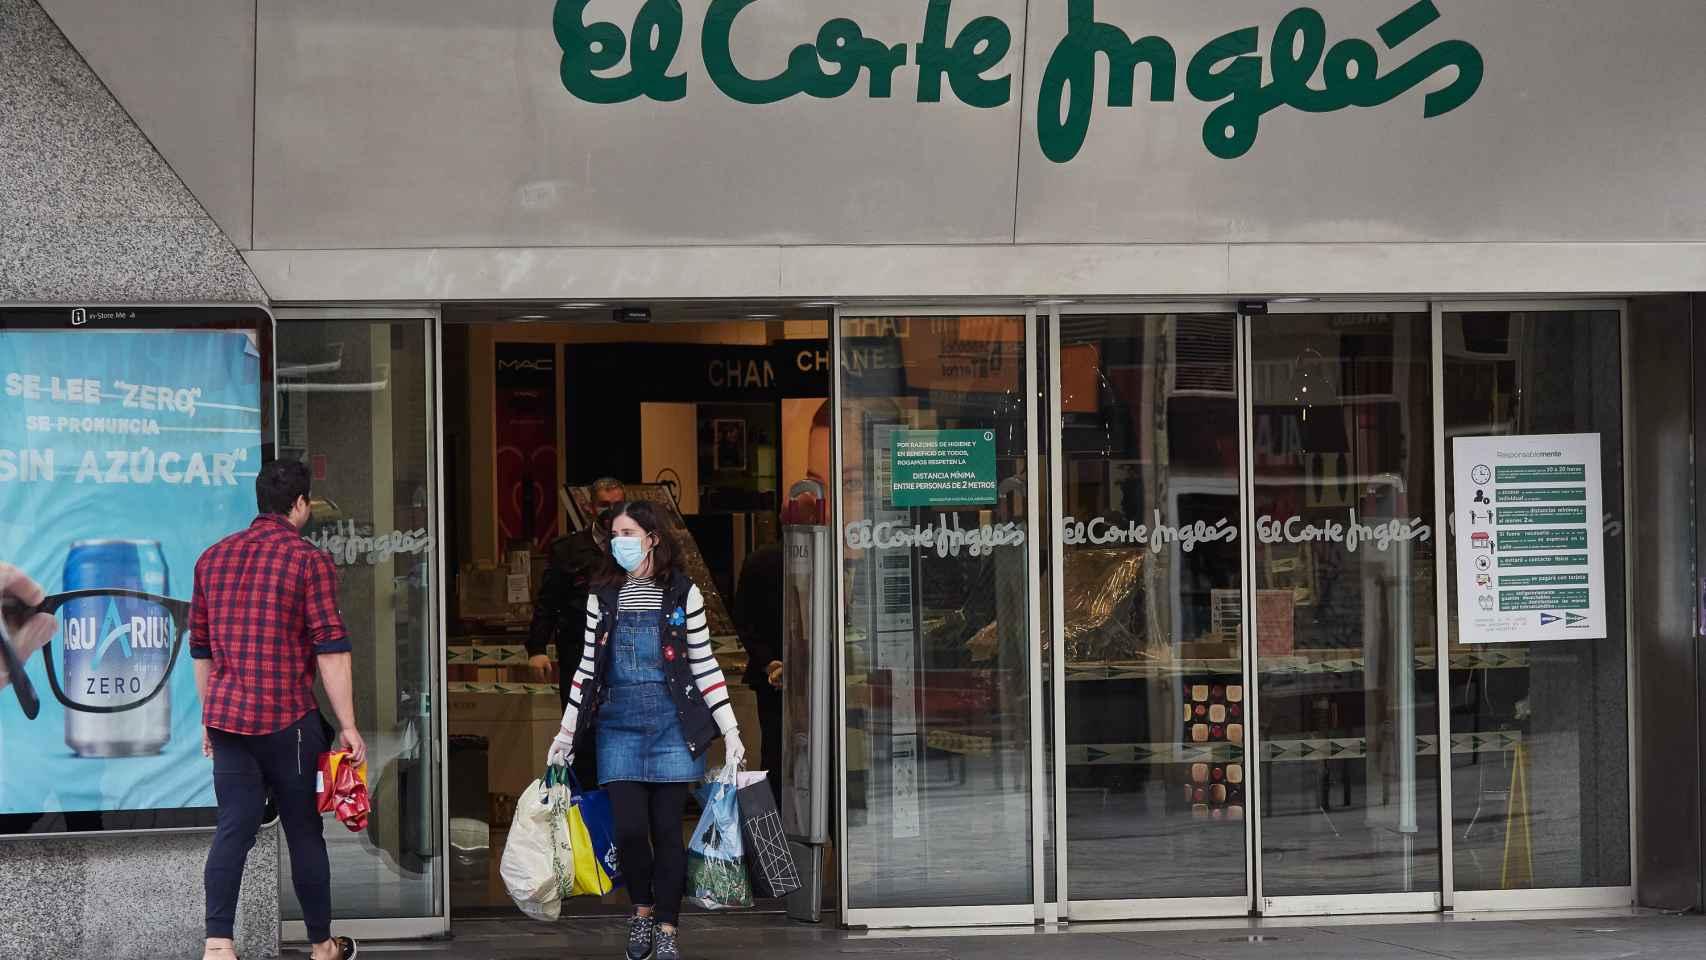 El Corte Inglés podrá abrir sus tiendas grandes en fase 1 a partir de este lunes